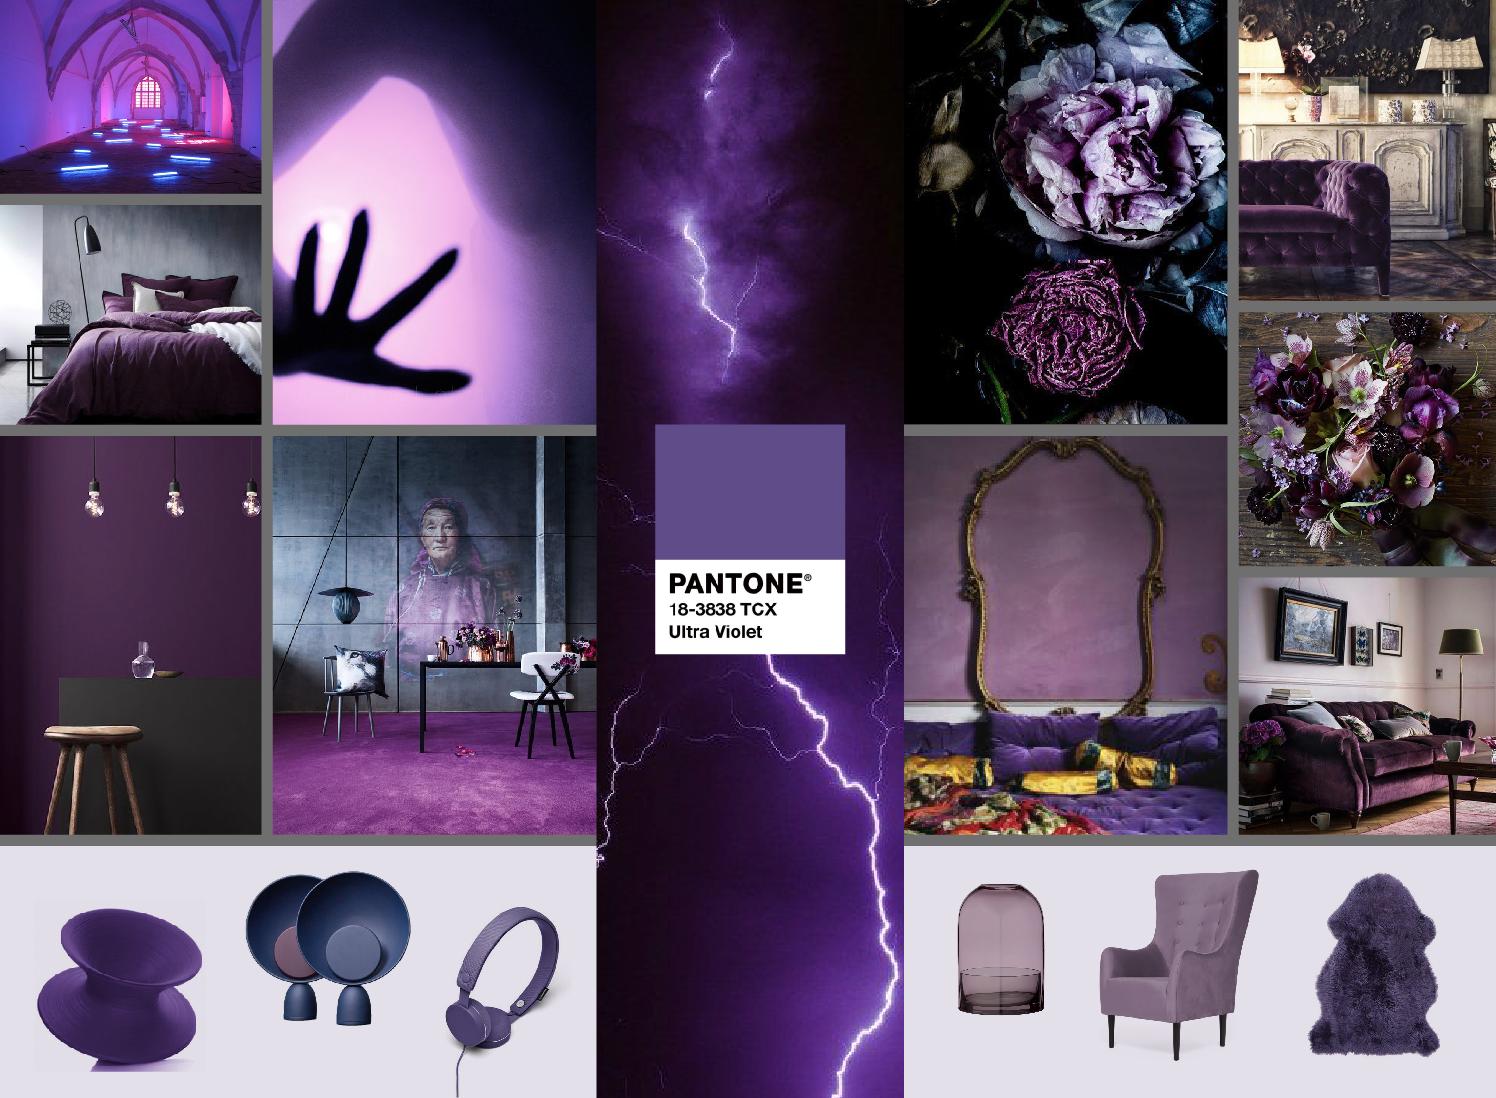 ultra-violet-pantone-trend-moodboard-wishlist-kc-00.png